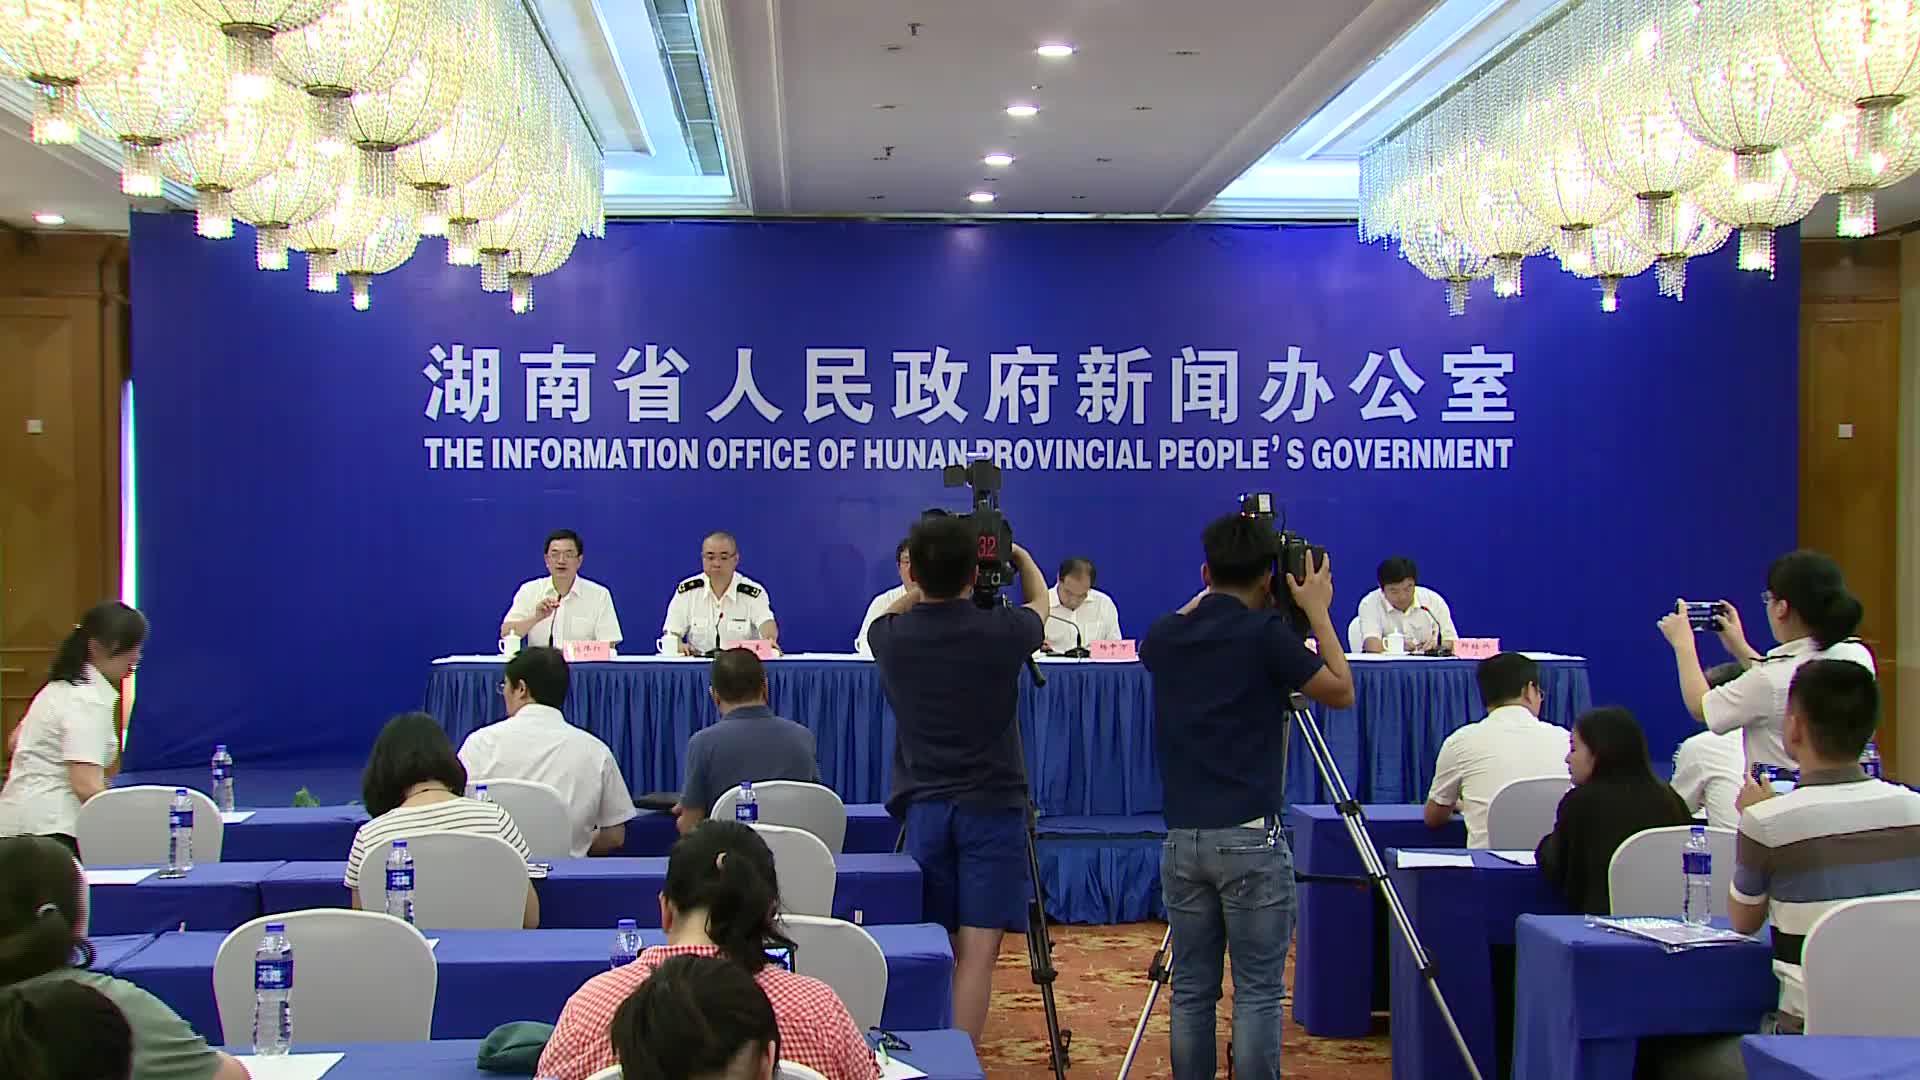 【全程回放】国务院批准增设长沙航空口岸为药品进口口岸新闻发布会